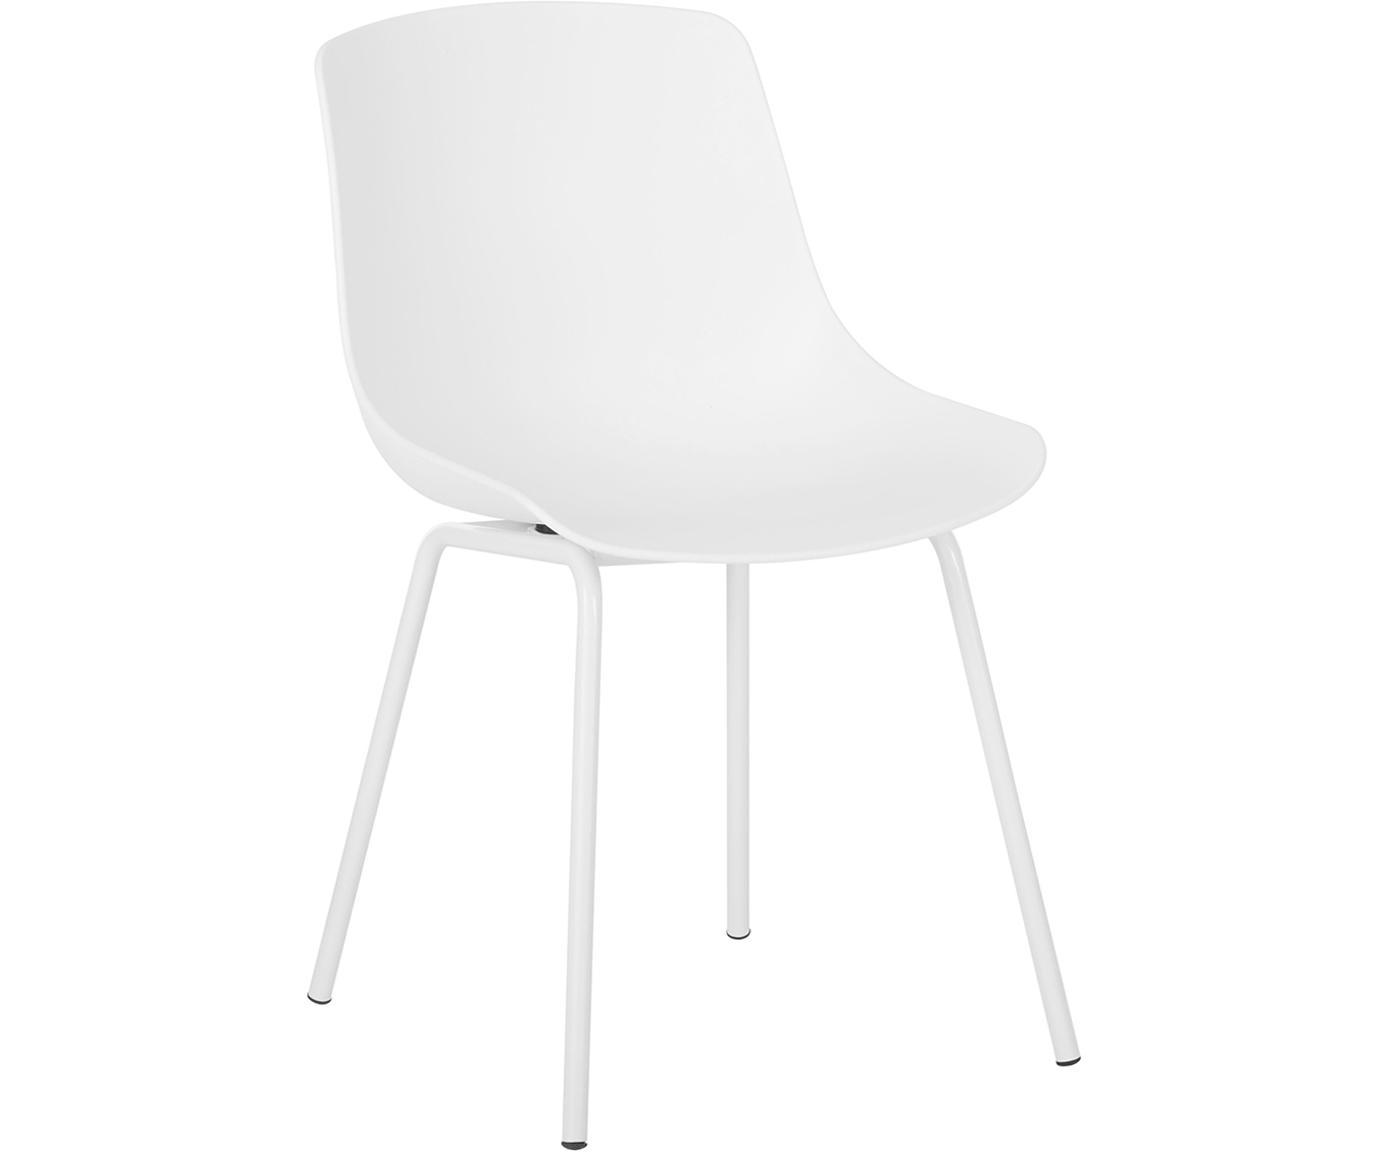 Sillas Joe, 2uds., Asiento: plástico, Patas: metal con pintura en polv, Blanco, An 46 x F 53 cm